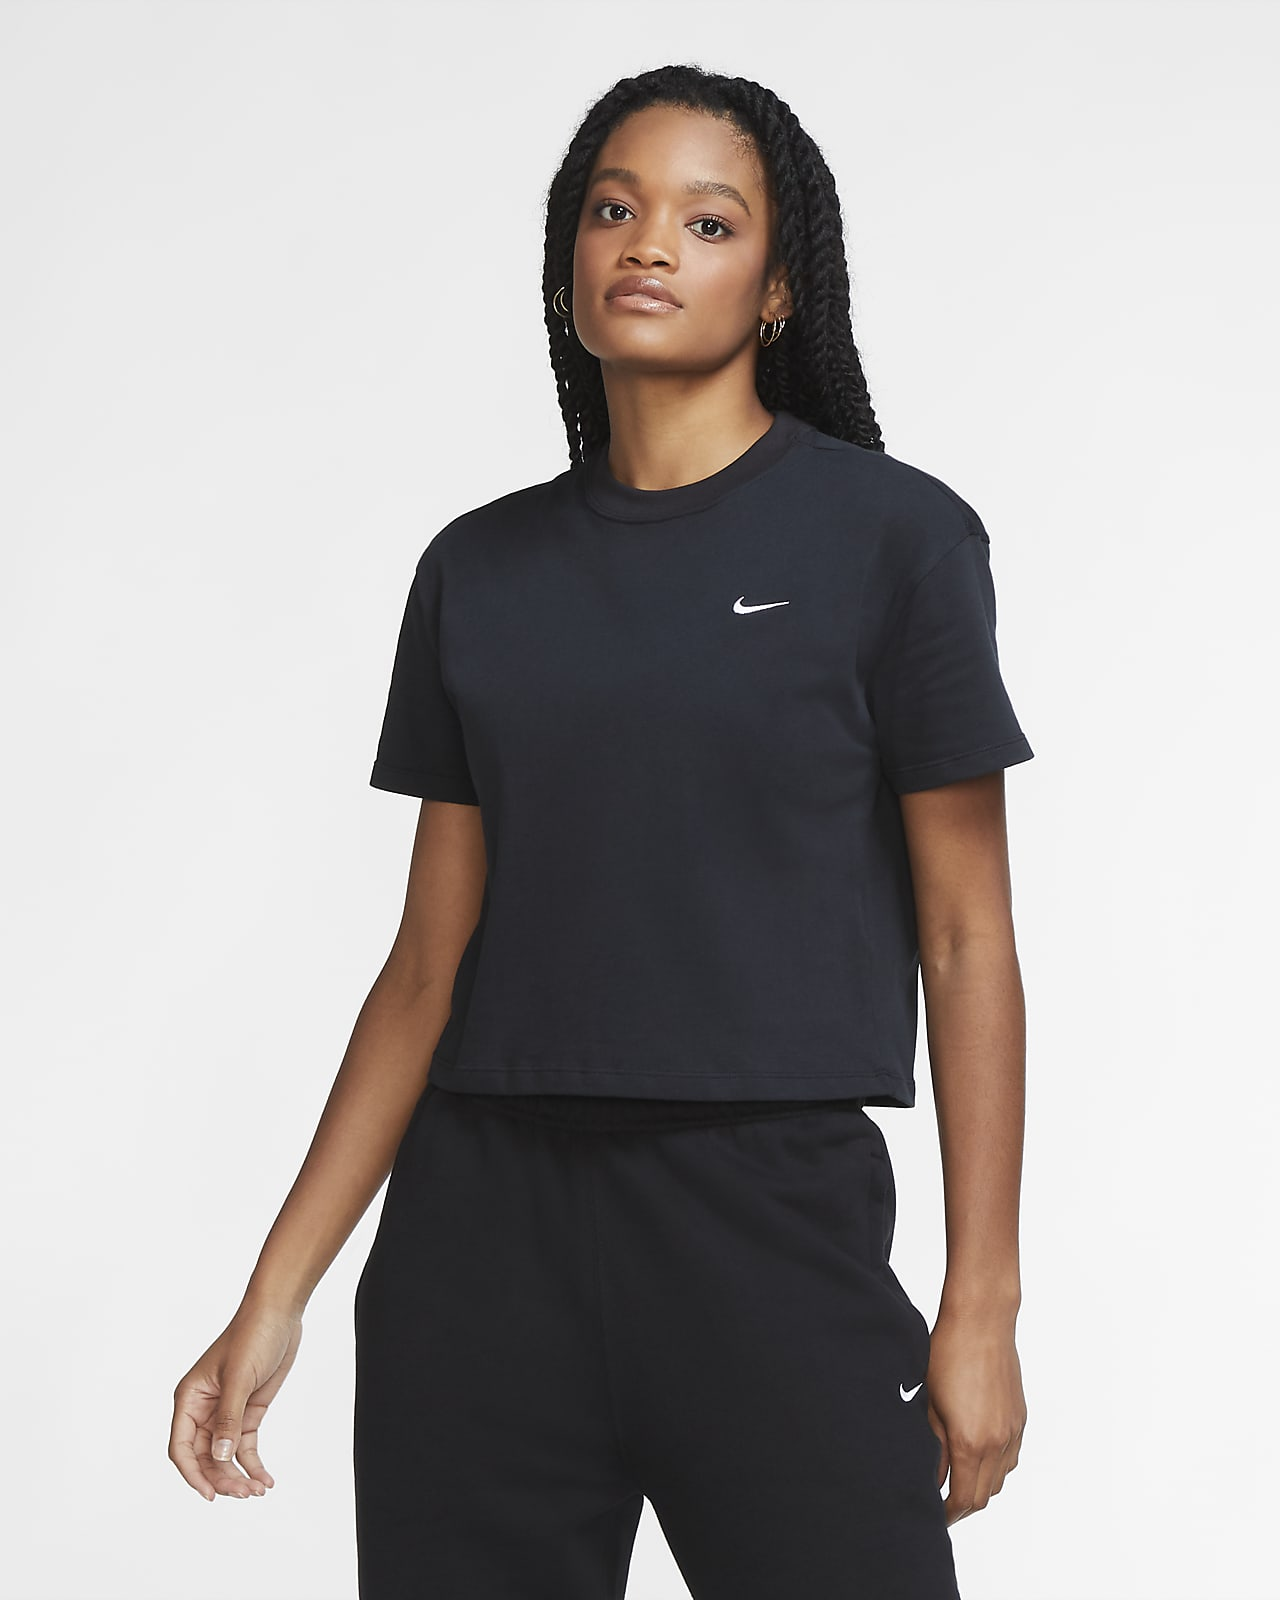 เสื้อยืดผู้หญิง NikeLab